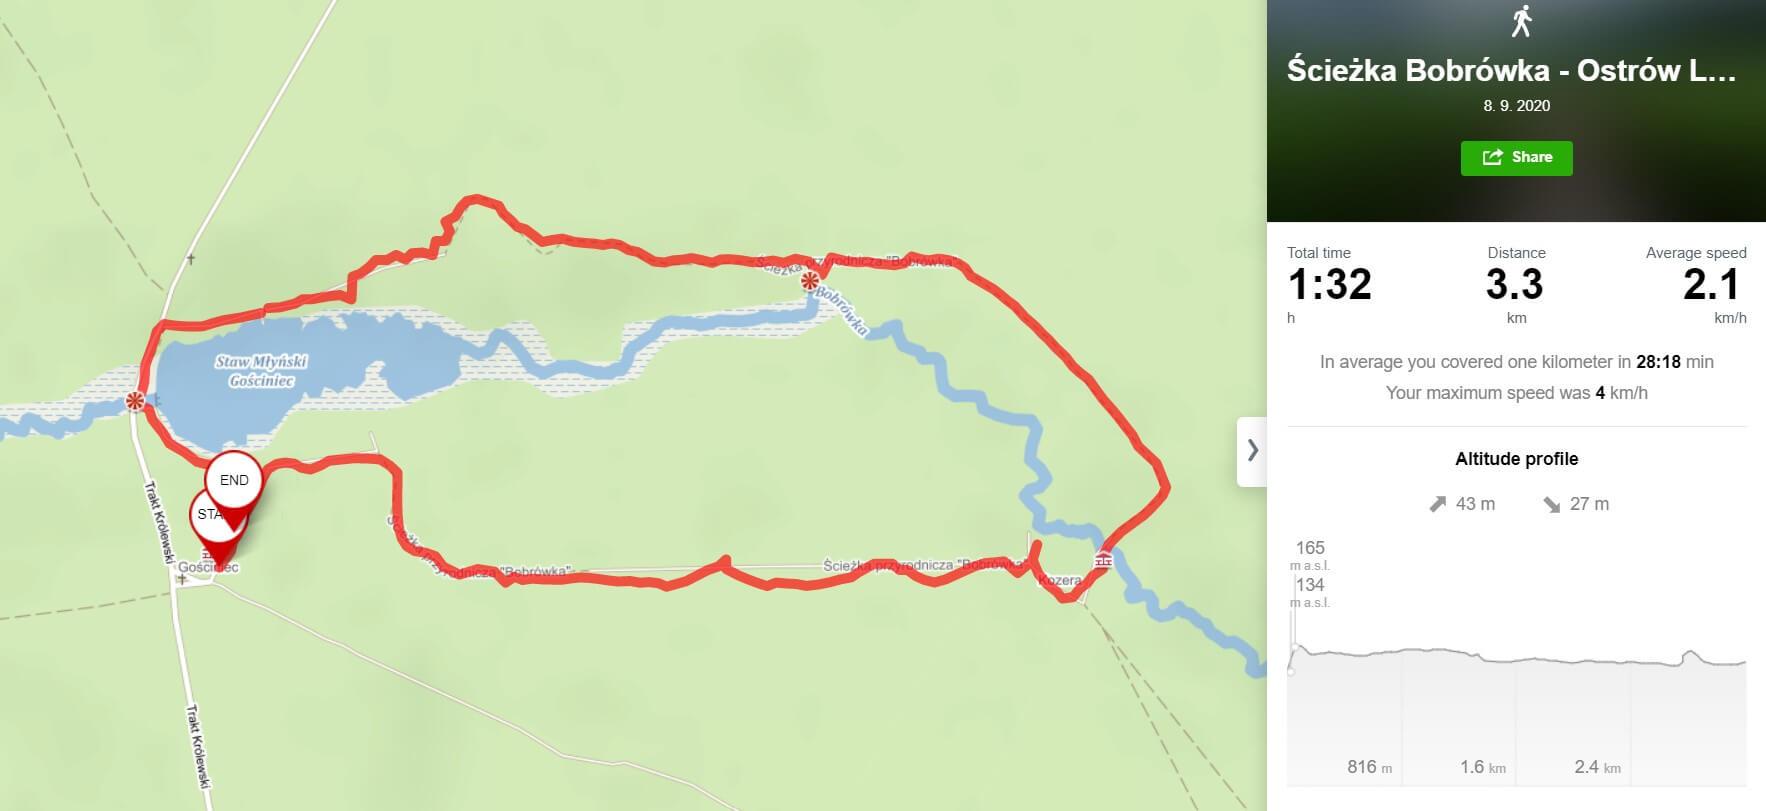 Bobrówka Lubelskie, Lasy Parczewskie